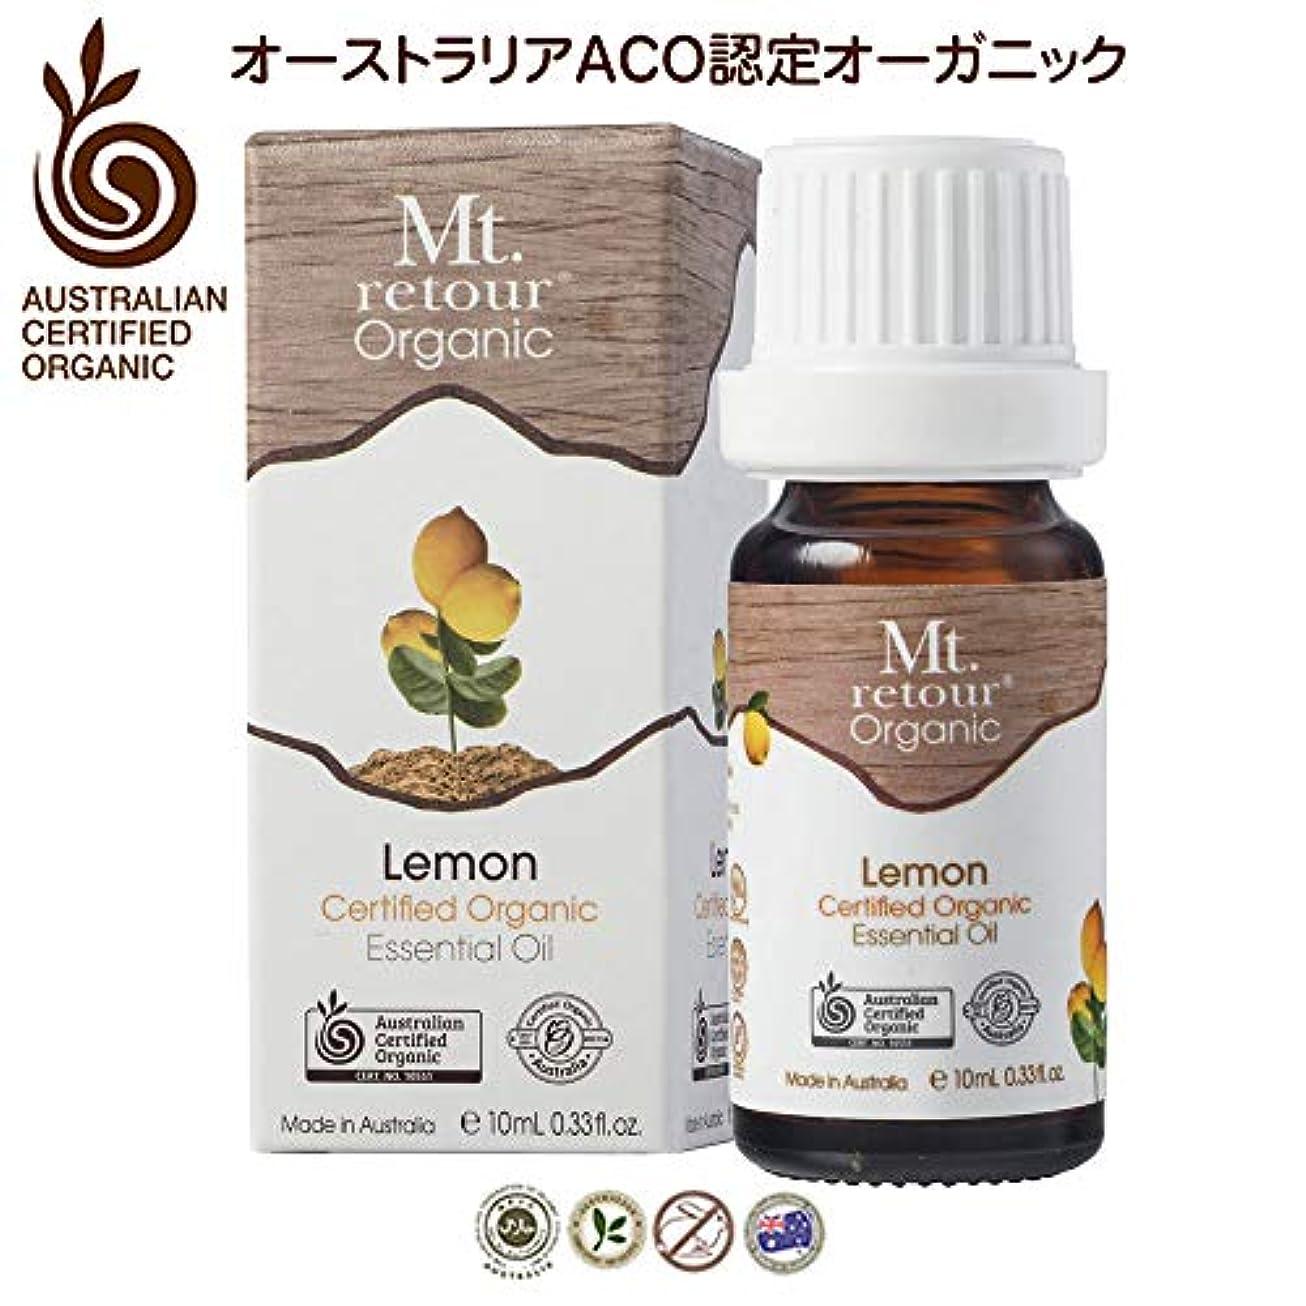 グラフ原油オークMt. retour ACO認定オーガニック レモン 10ml エッセンシャルオイル(無農薬有機栽培)アロマ